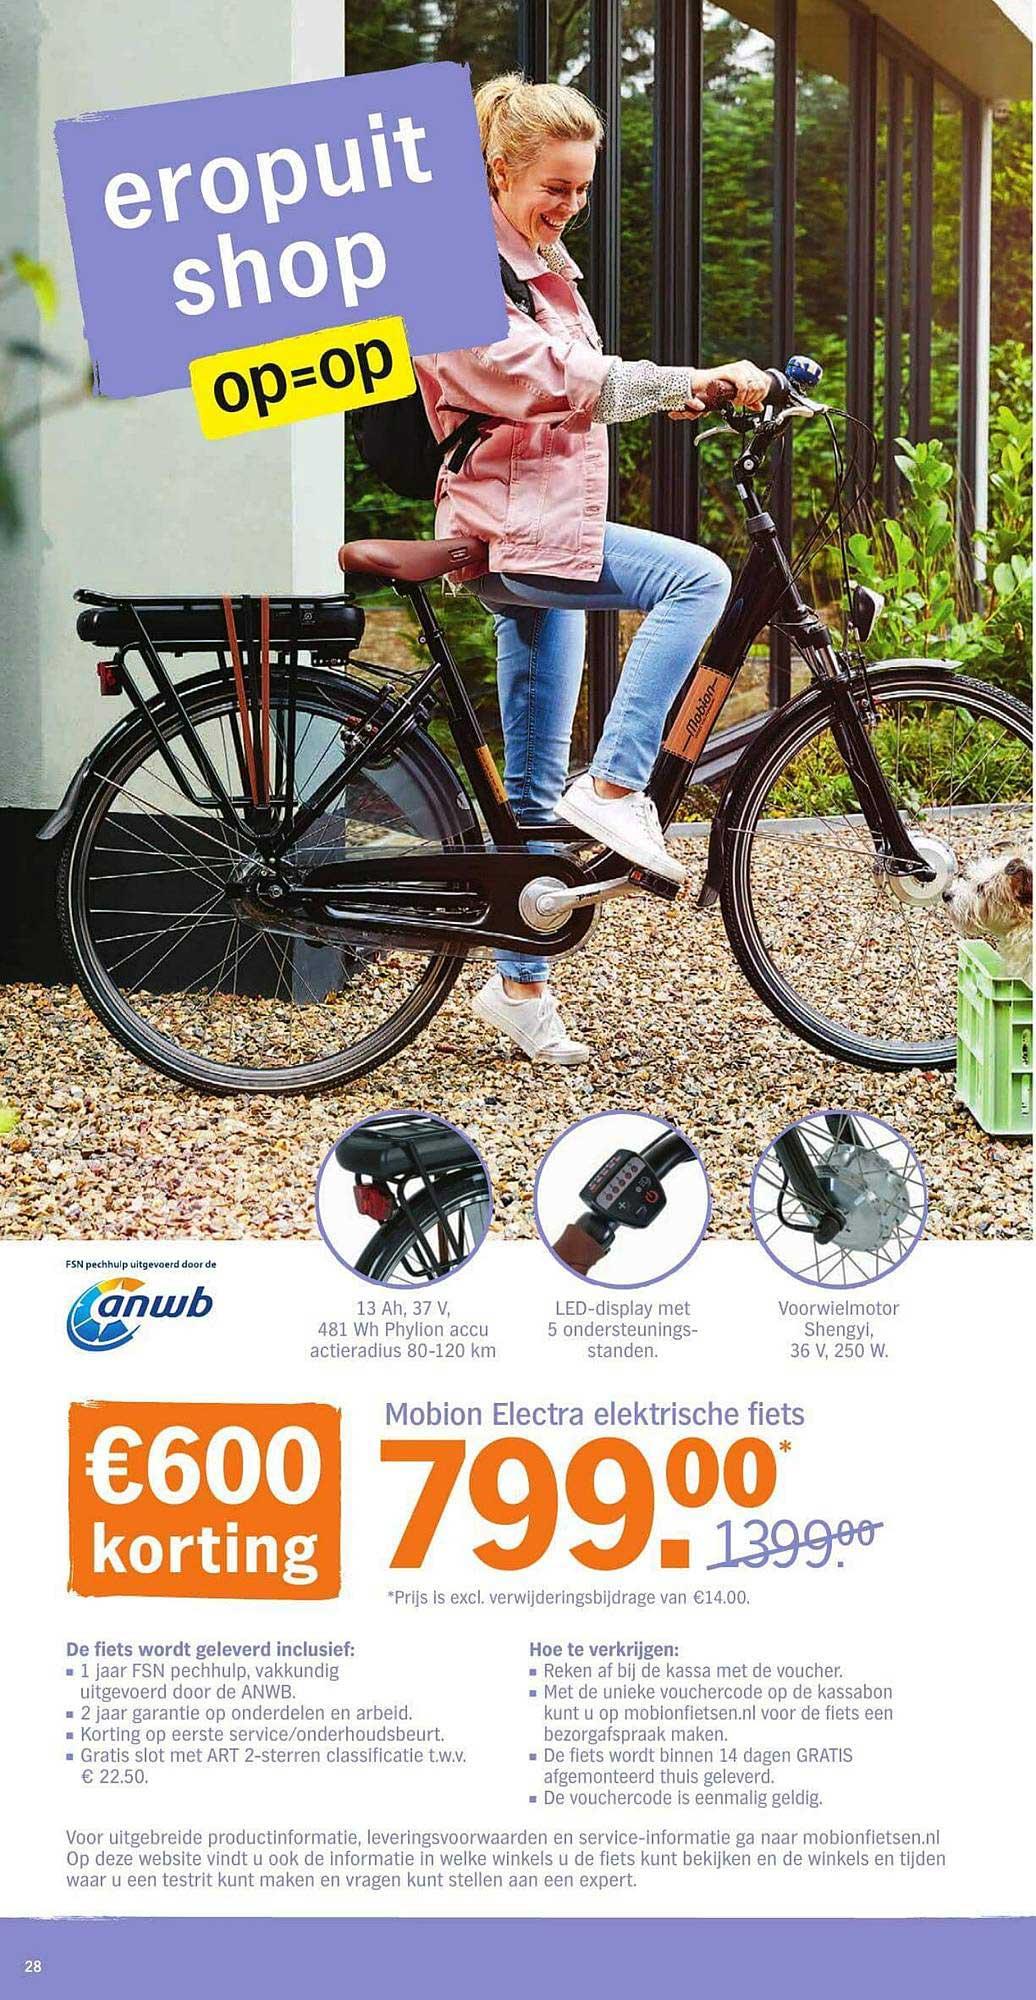 Albert Heijn Mobion Electra Elektrische Fiets: €600,- Korting